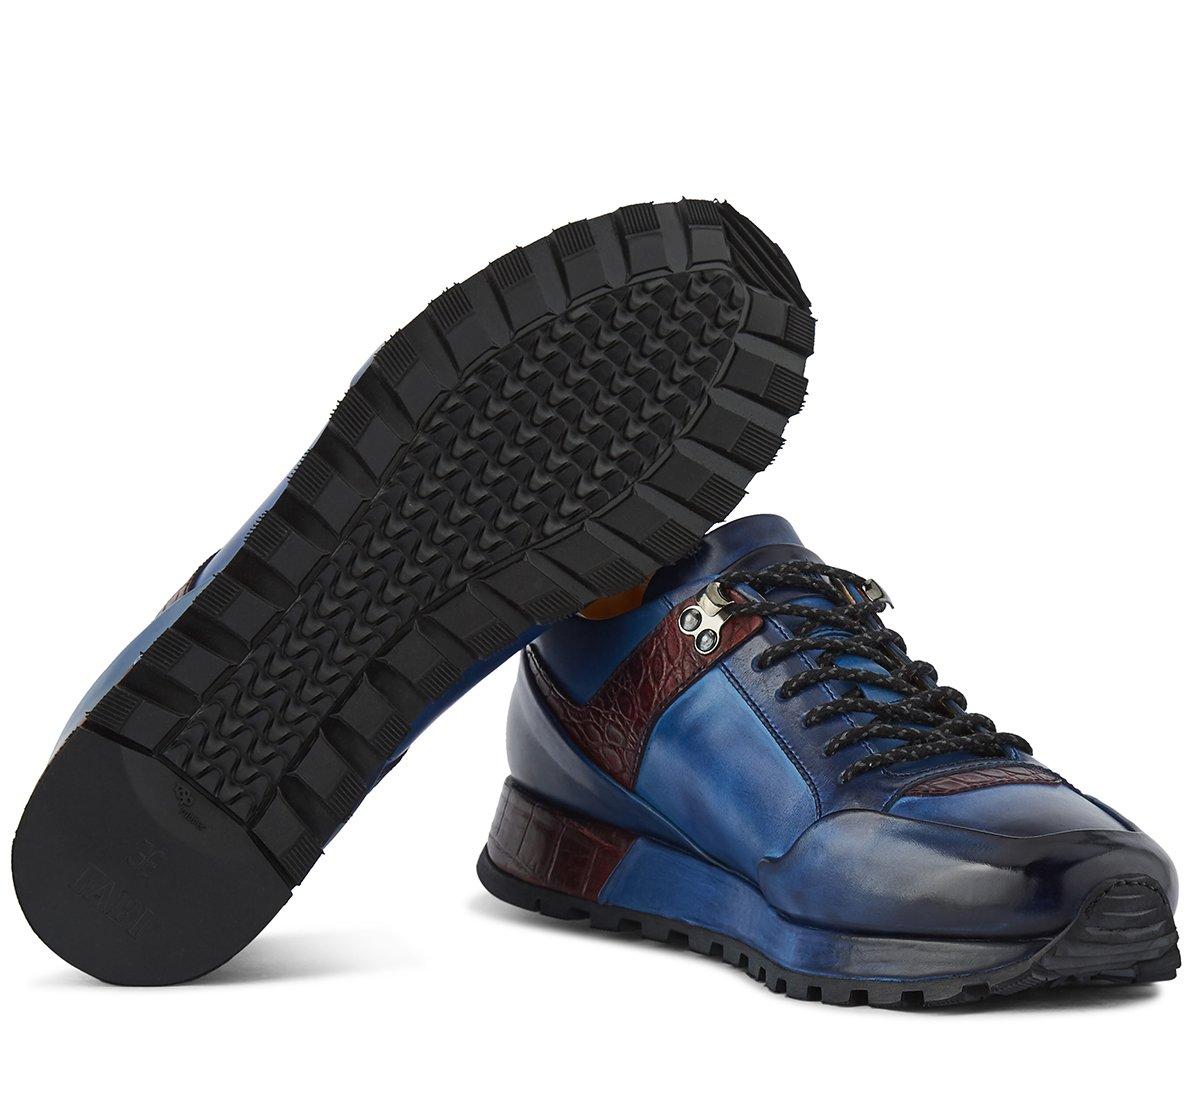 Sneaker in vitello decolorato e invecchiato a mano